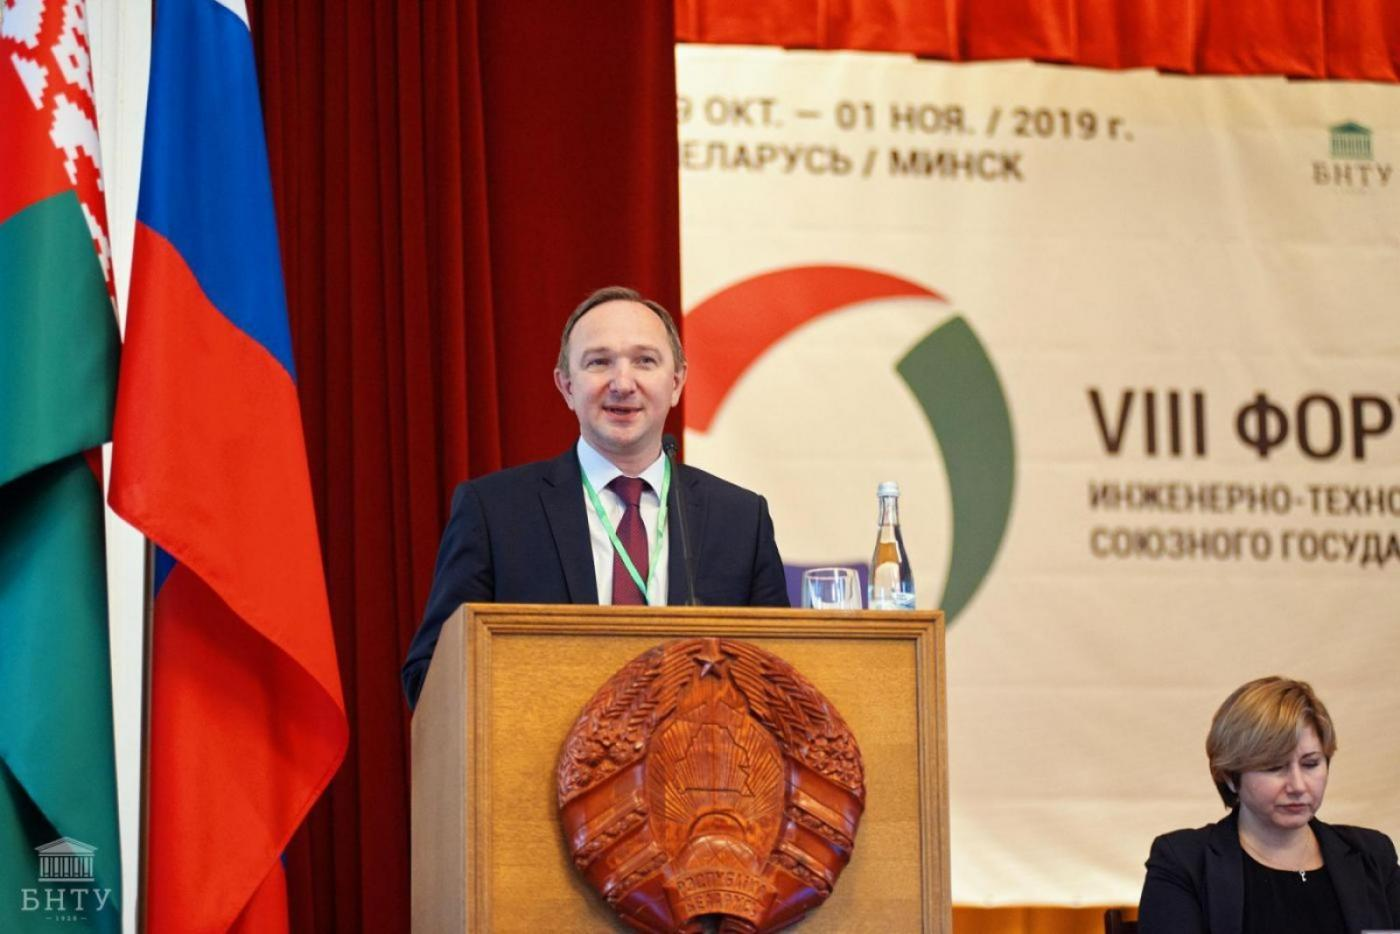 Фоторепортаж: VIII Форум вузов инженерно-технологического профиля Союзного государства